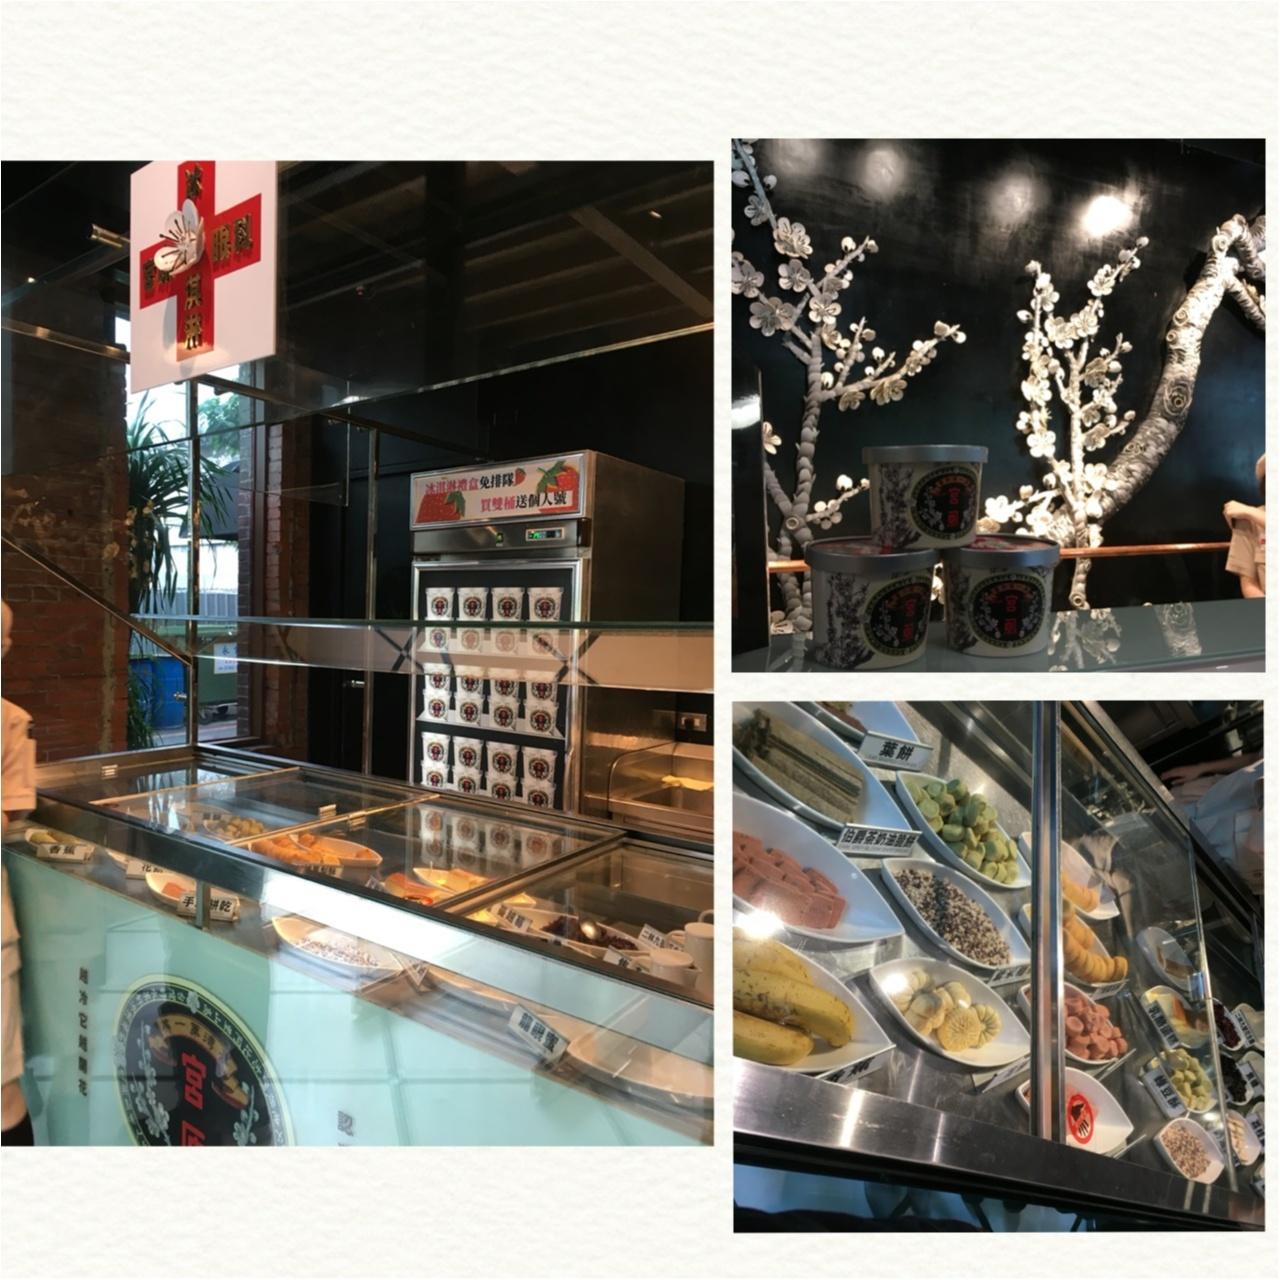 台湾のおしゃれなカフェ&食べ物特集 - 人気のタピオカや小籠包も! 台湾女子旅におすすめのグルメ情報まとめ_86